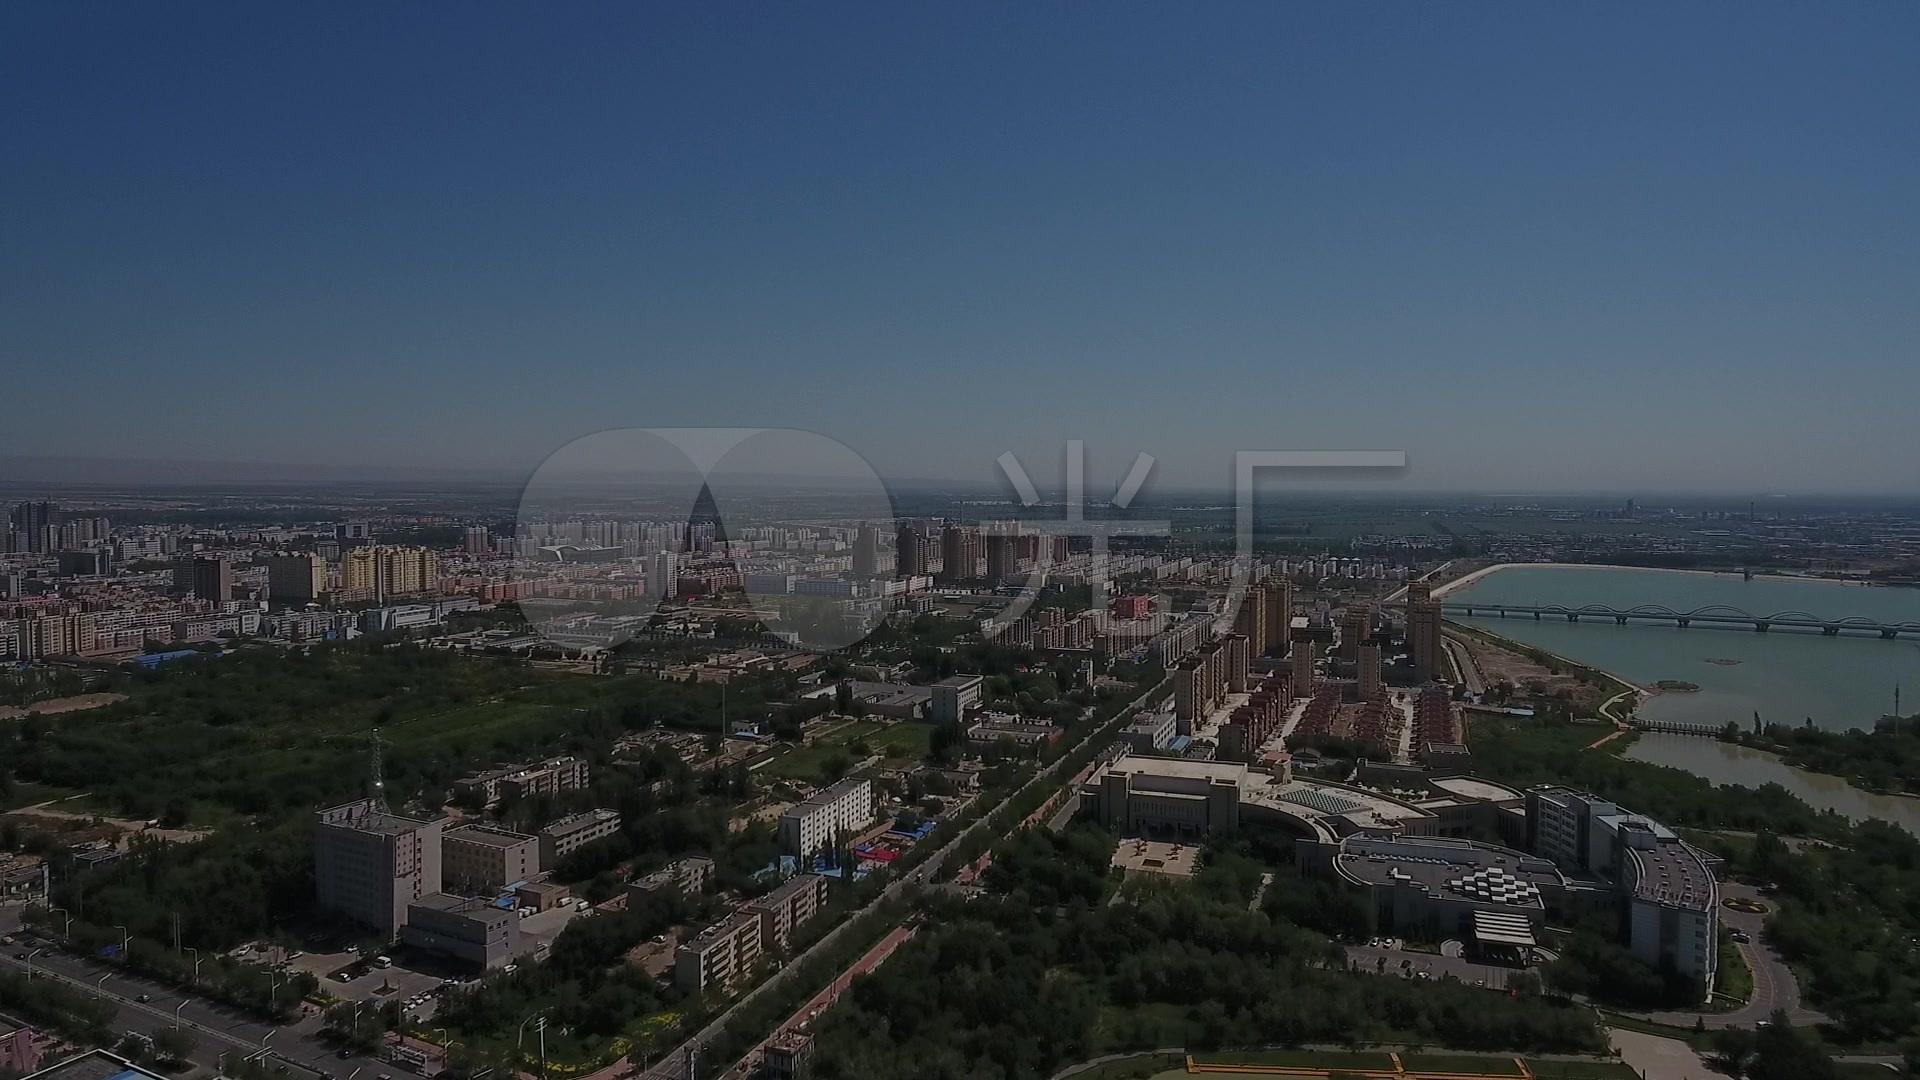 新疆高清v高清_1920X1080_怪物视频素材下载视频的博乐图片